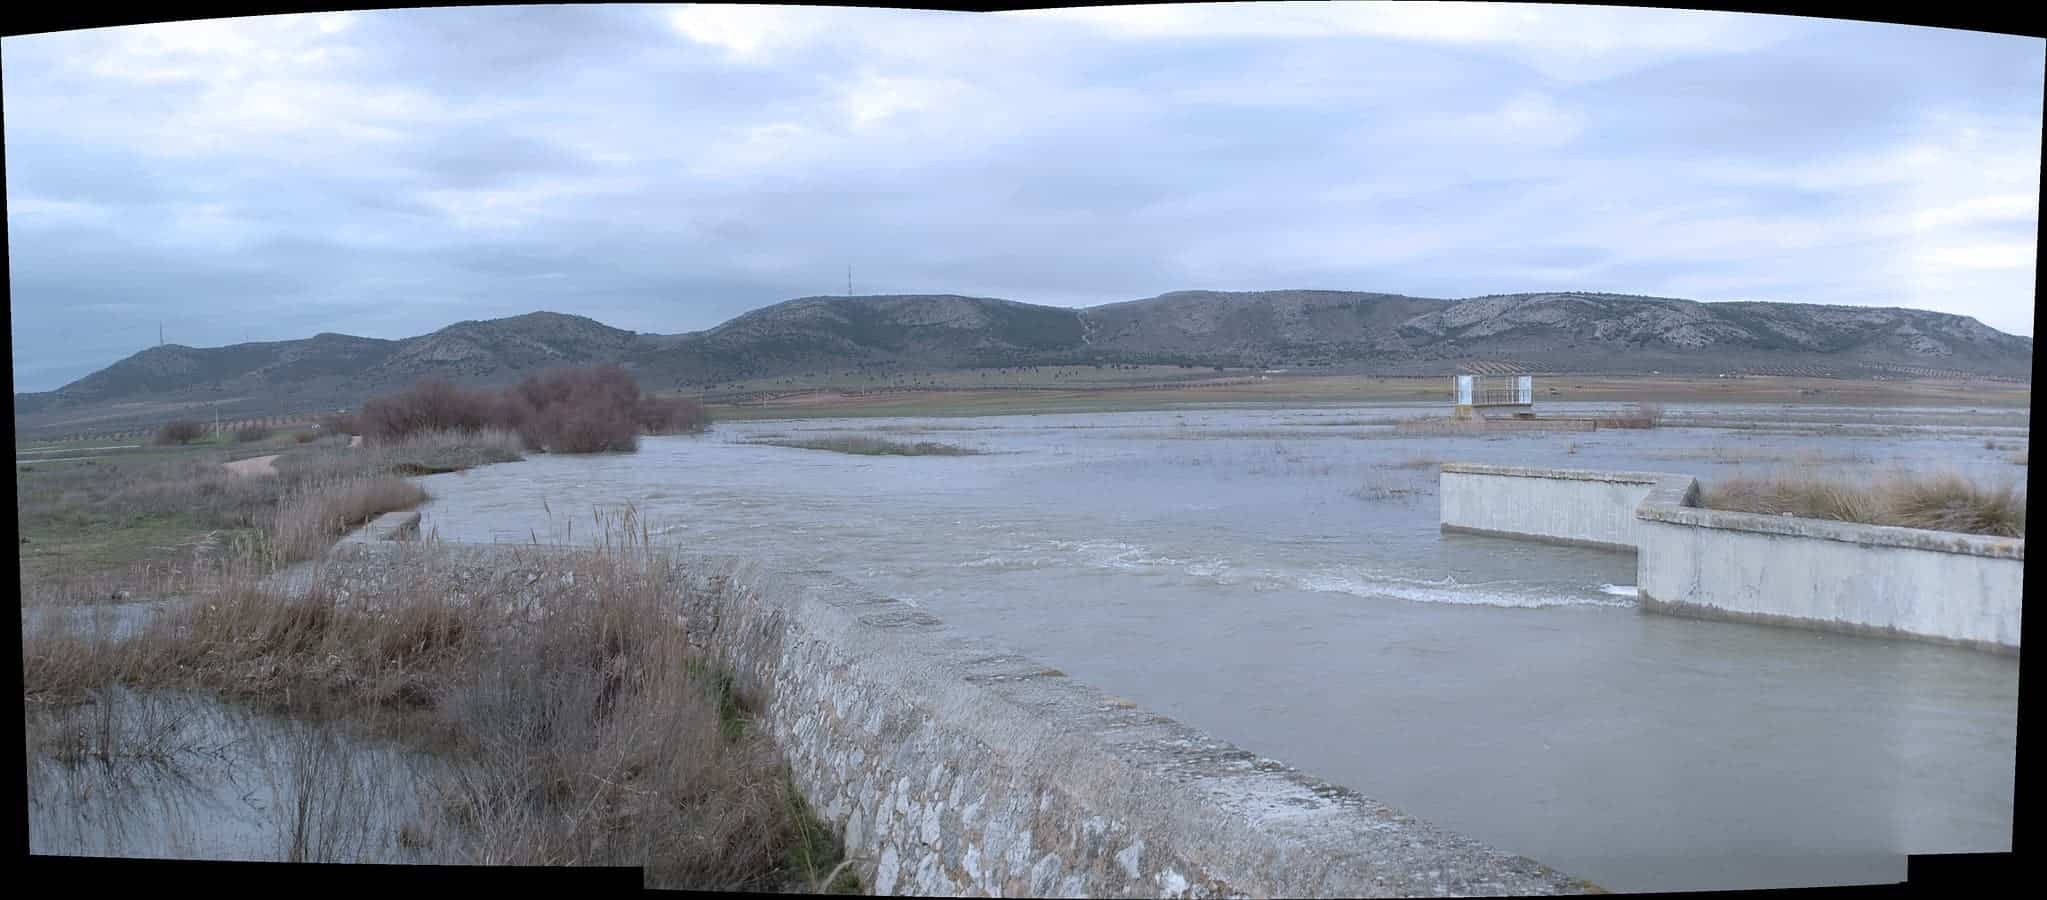 puente alto rio desbordado herencia - Herencia en el concurso para elegir El Pueblo más bonito de Castilla-La Mancha 2020